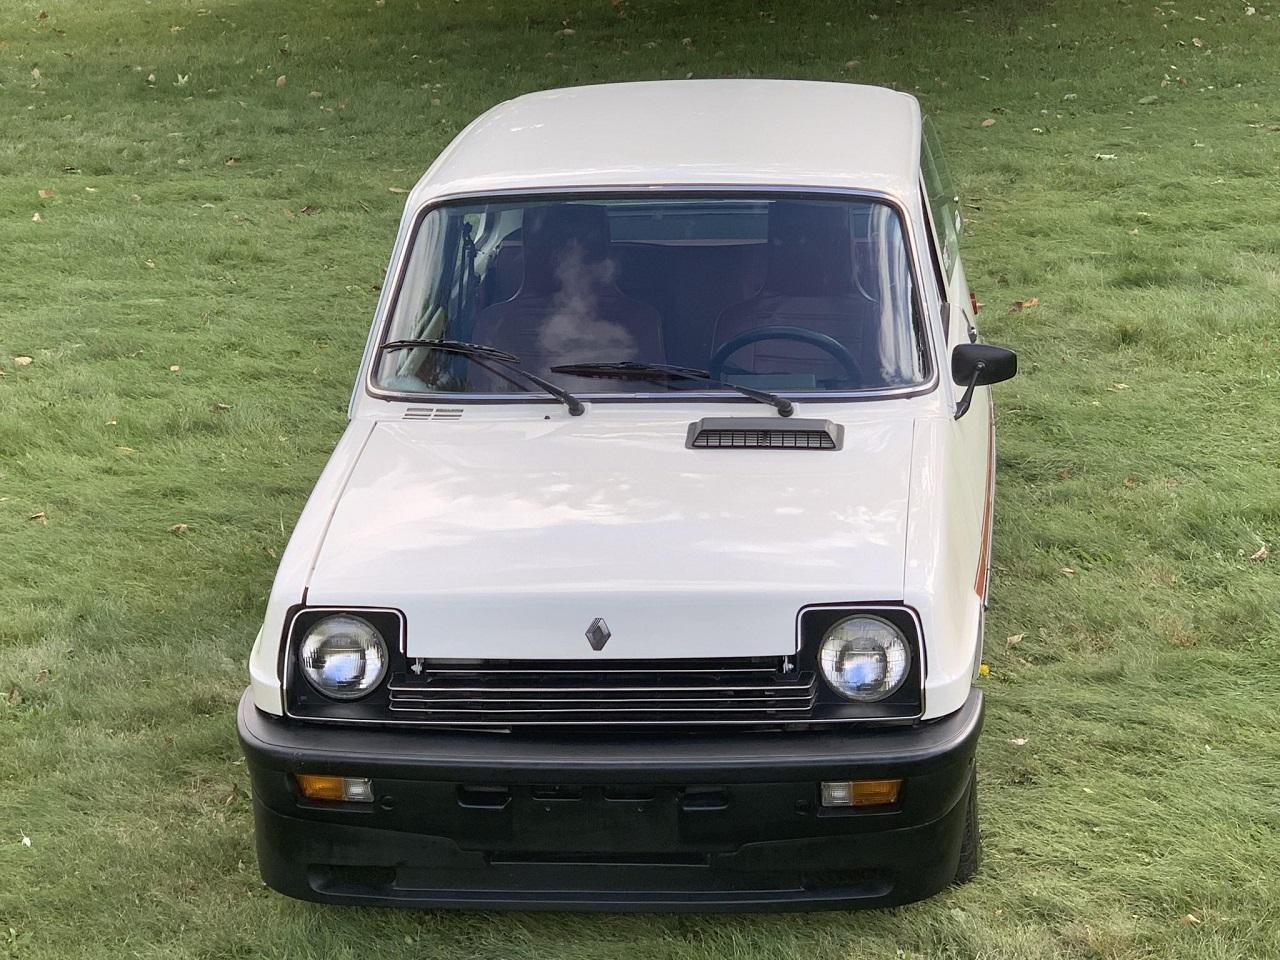 '79 Renault 5 Le Car - A la conquête de l'Amérique ! 3